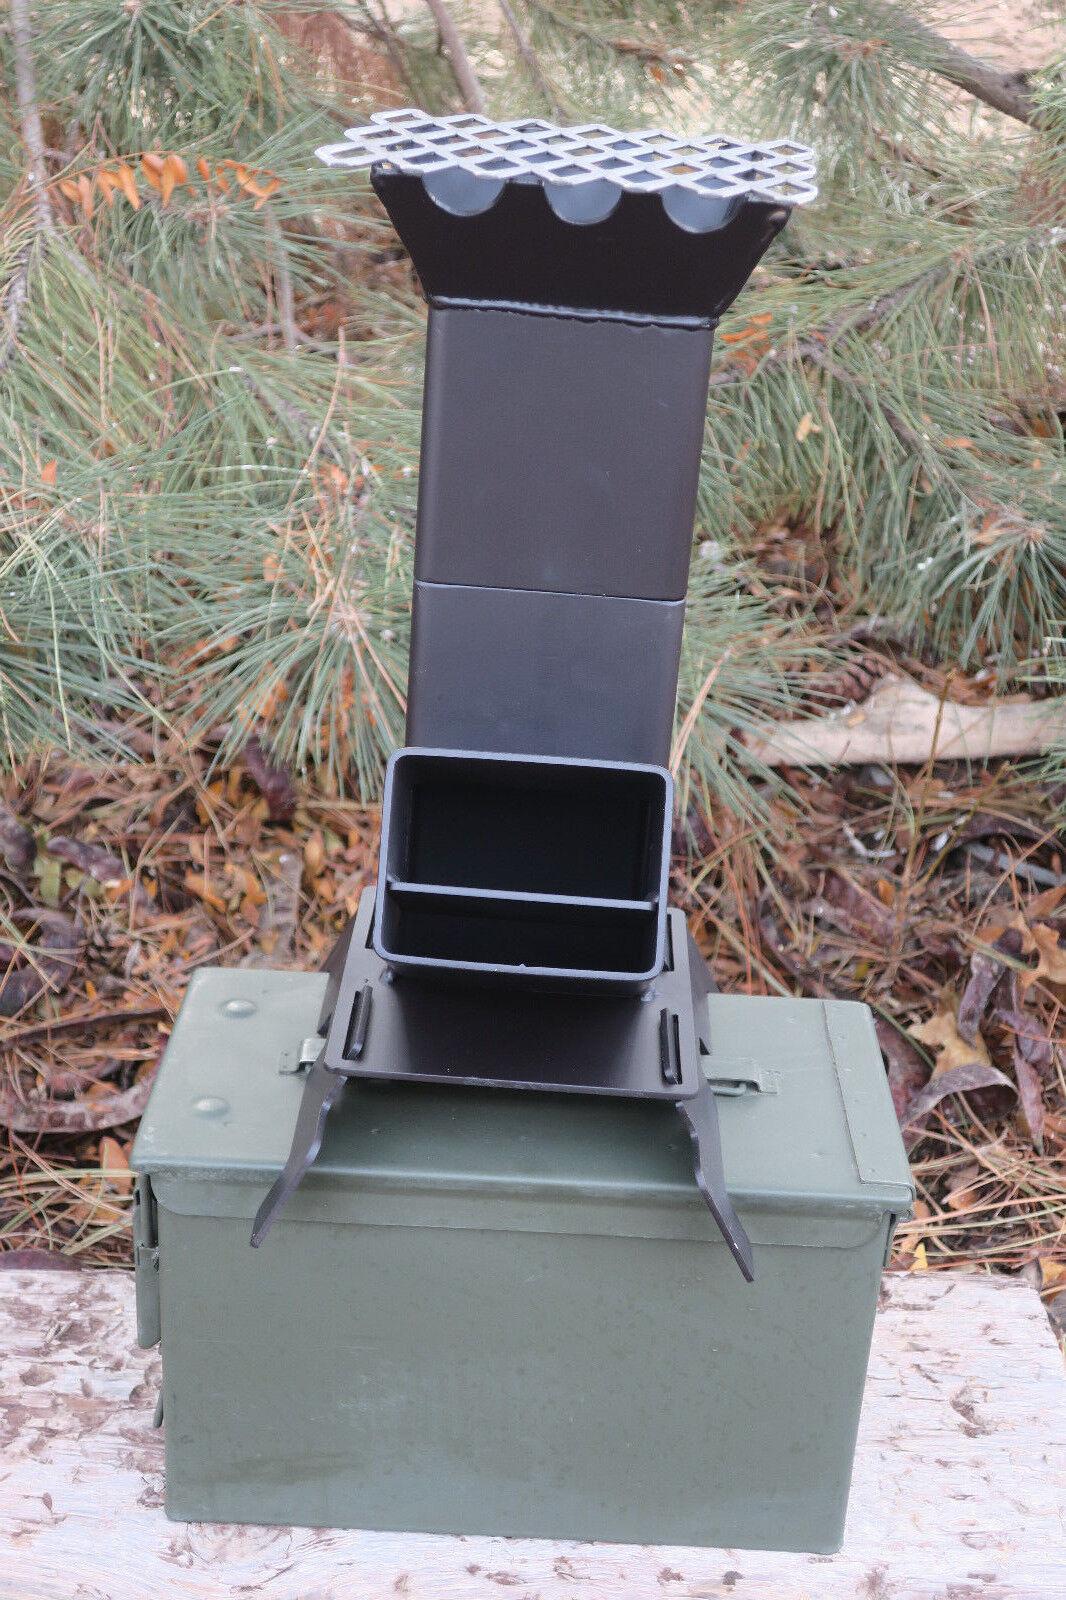 Estufa cohete Sadrac V2 portátil con un nuevo 50 Cal. nuevo diseño más grande de munición puede